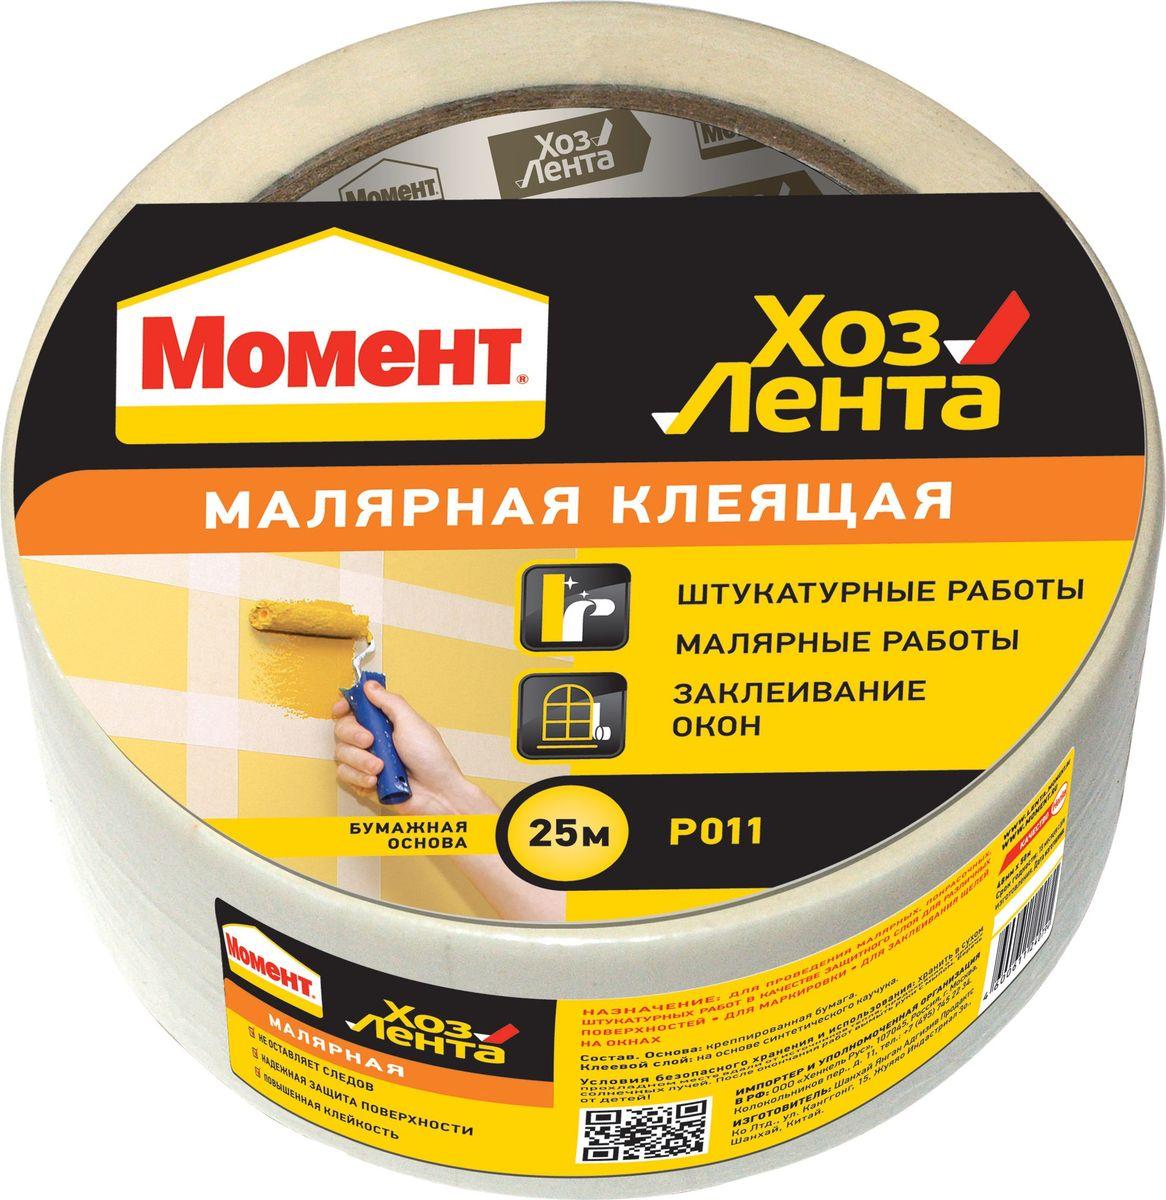 Лента клеящая Момент ХозЛента, малярная, цвет: белый, 50 м лента клеящая на креп бумаге 38мм 20м